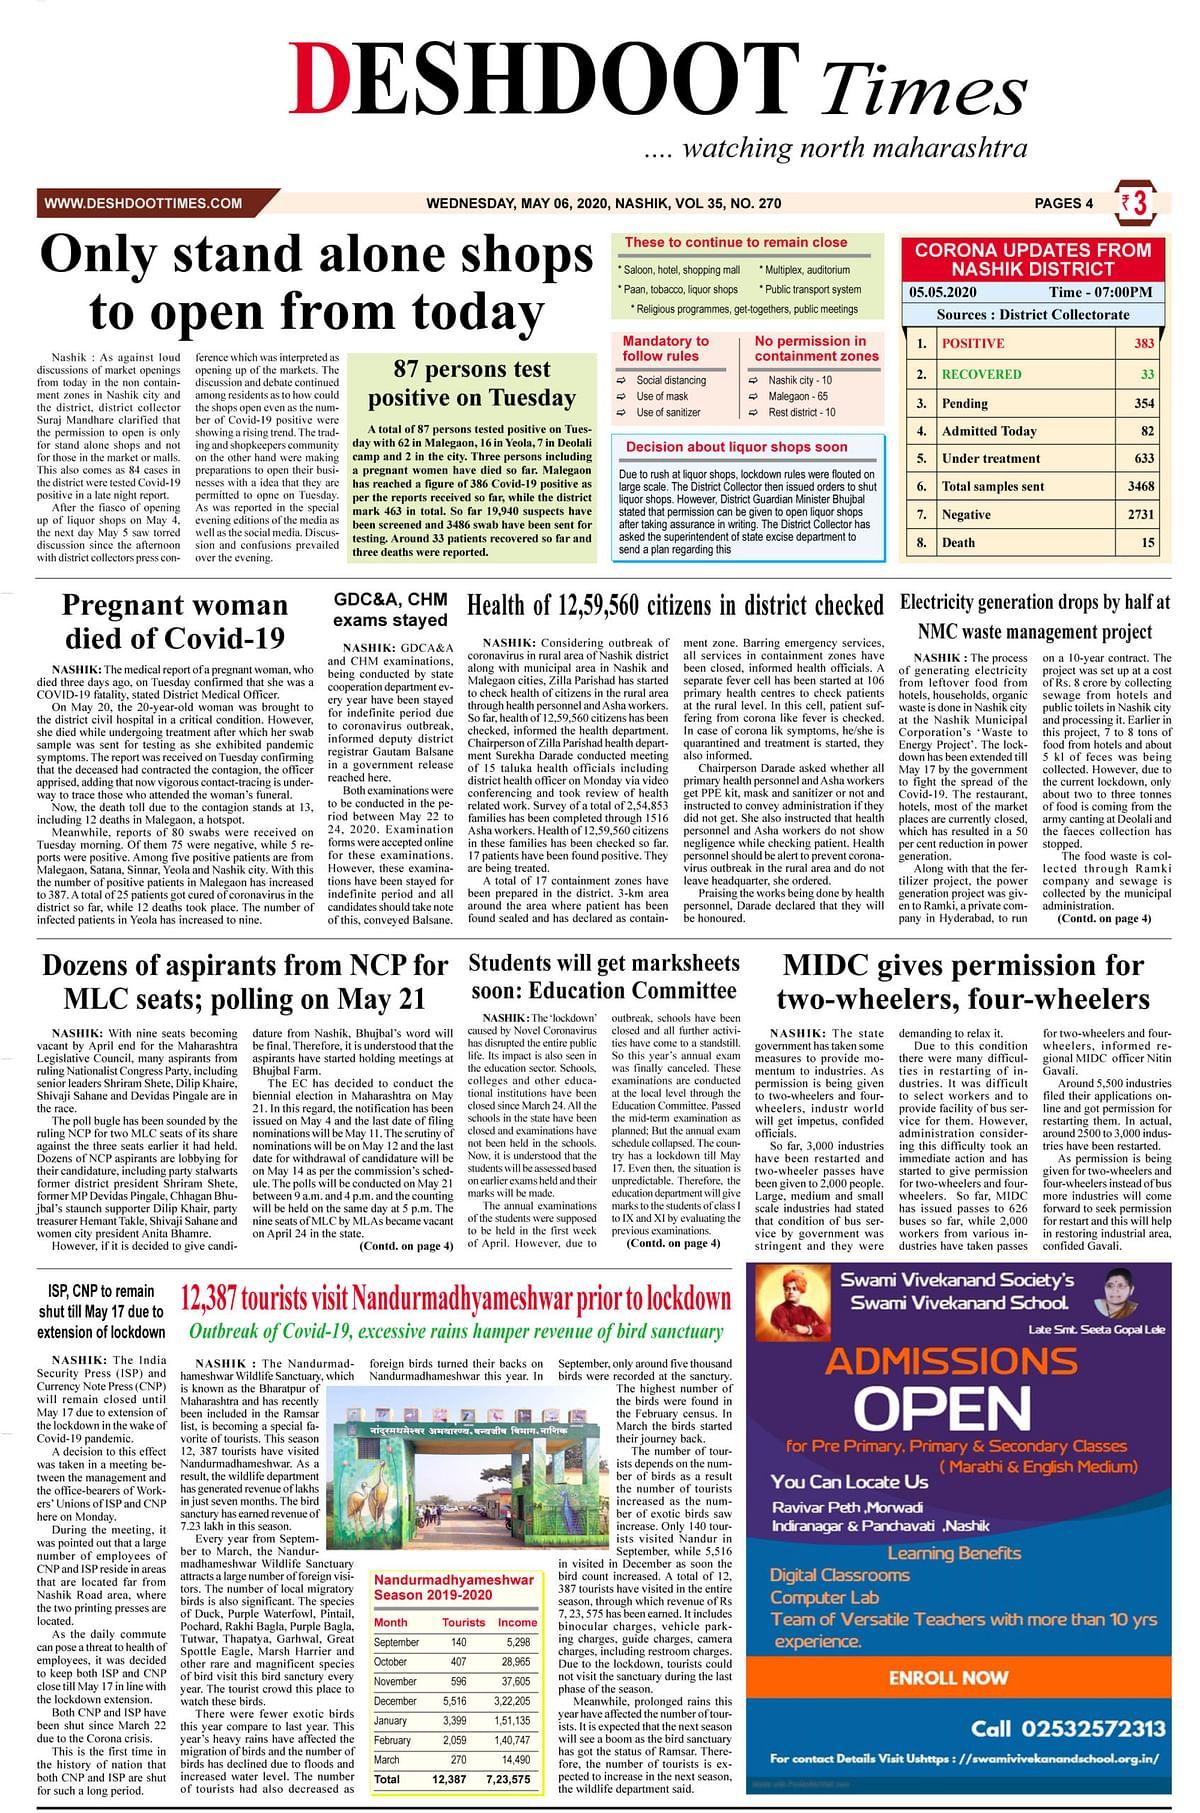 Deshdoot Times e paper, 06 May 2020